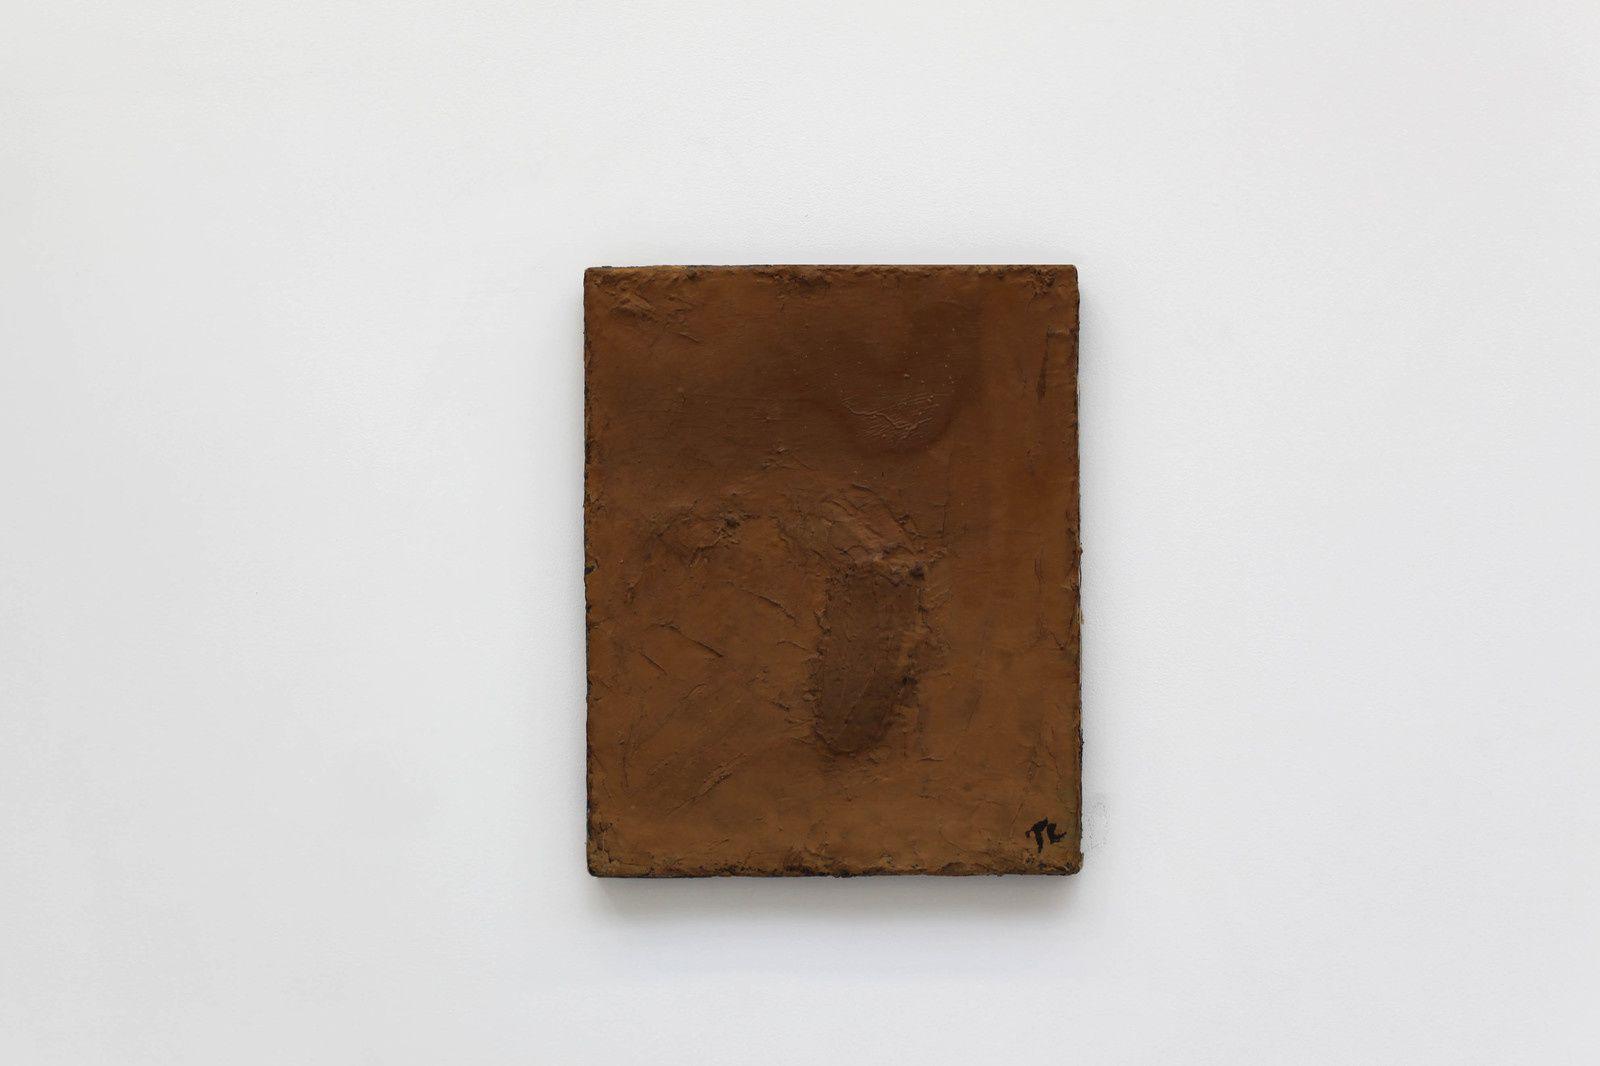 """""""Déchiré profond"""" , 1972 de Pierre TAL COAT - Courtesy Galerie Christophe Gaillard © Photo Éric Simon"""